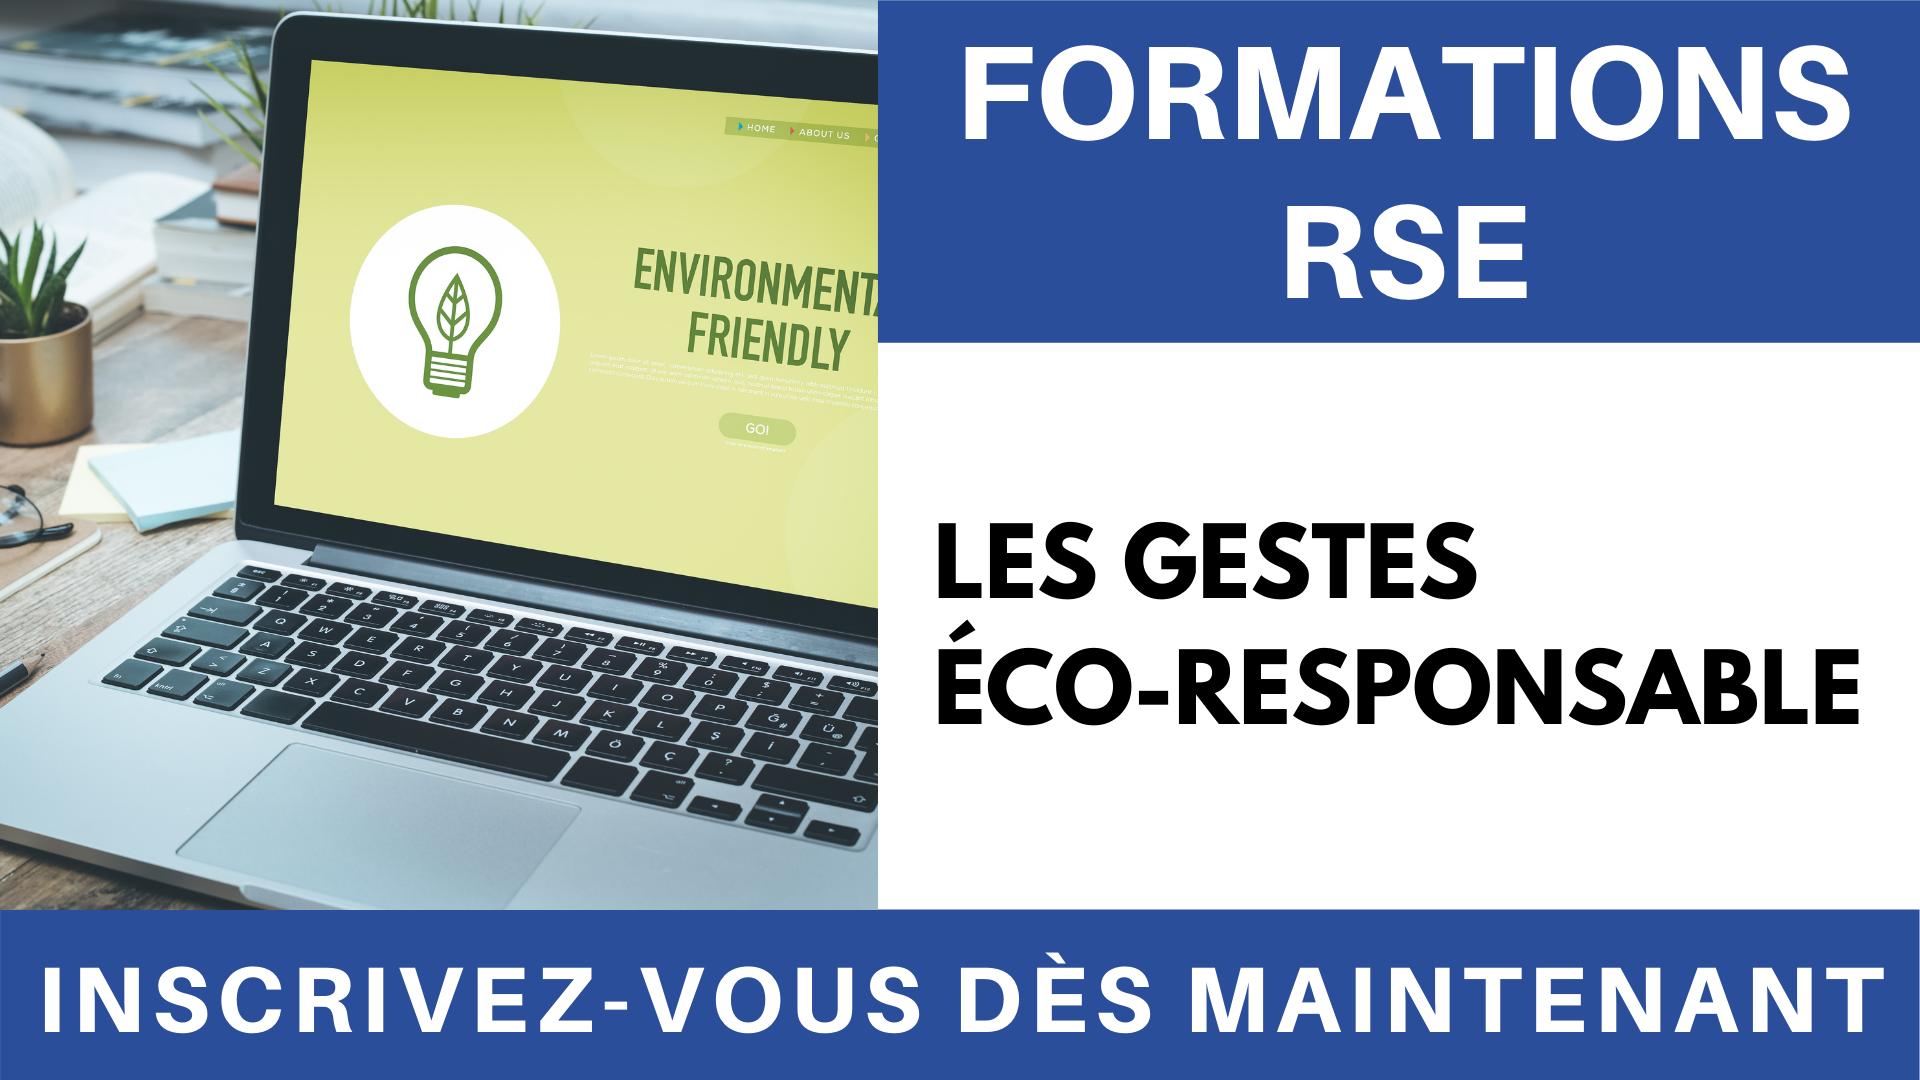 Vidéo - Formation RSE _ Les gestes éco-responsables